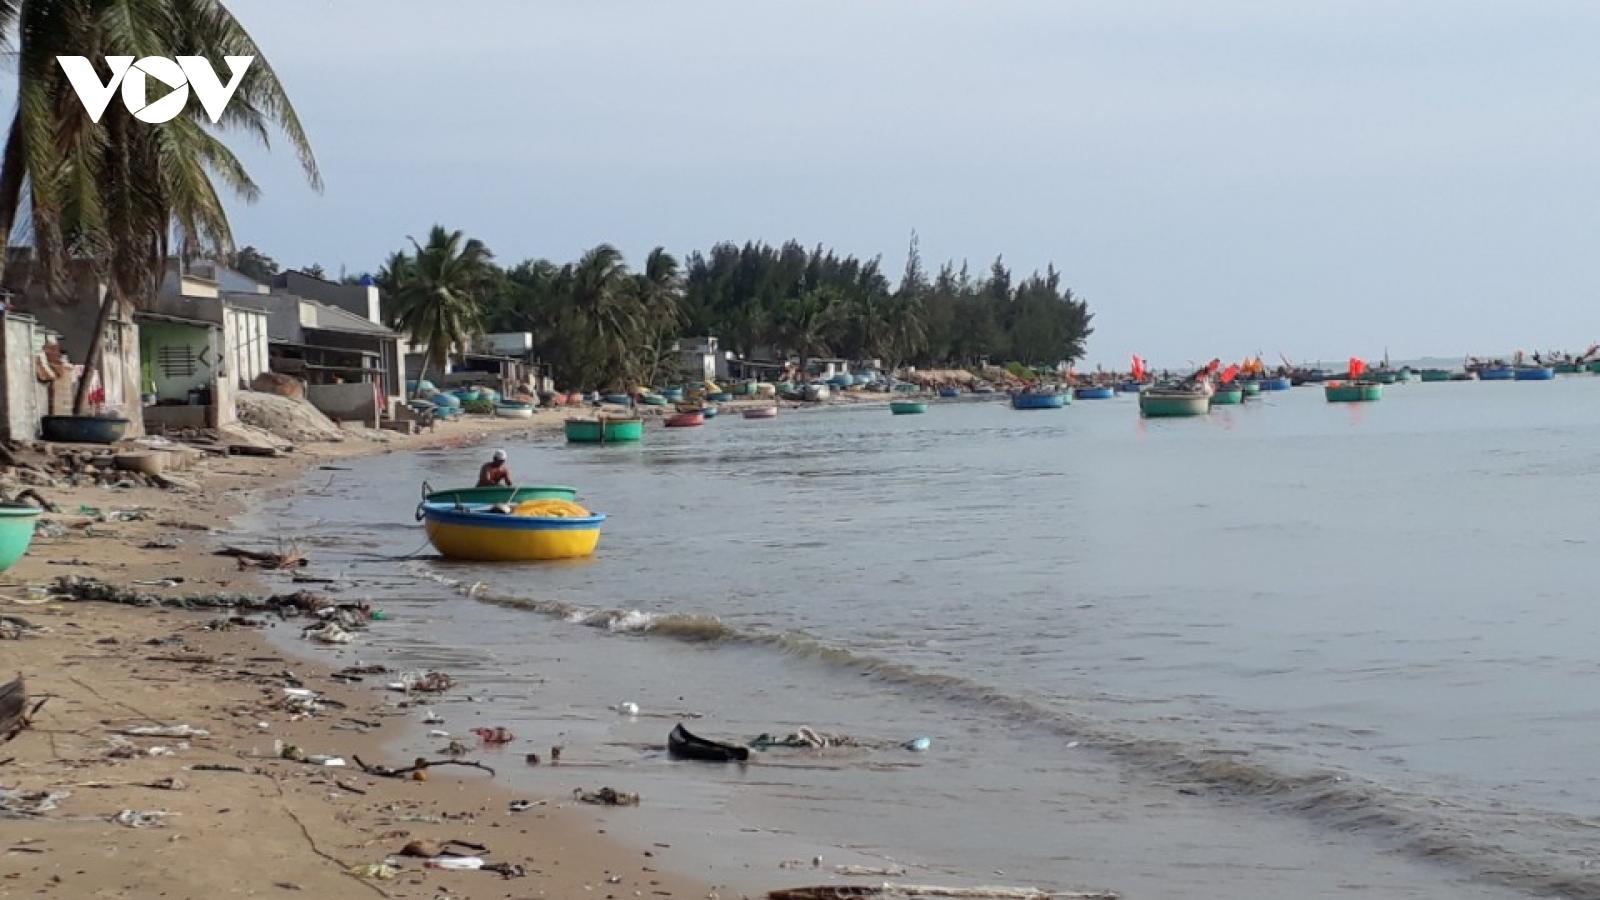 Bão số 9 ở Bình Thuận khiến 1 thuyền bị sóng đánh chìm